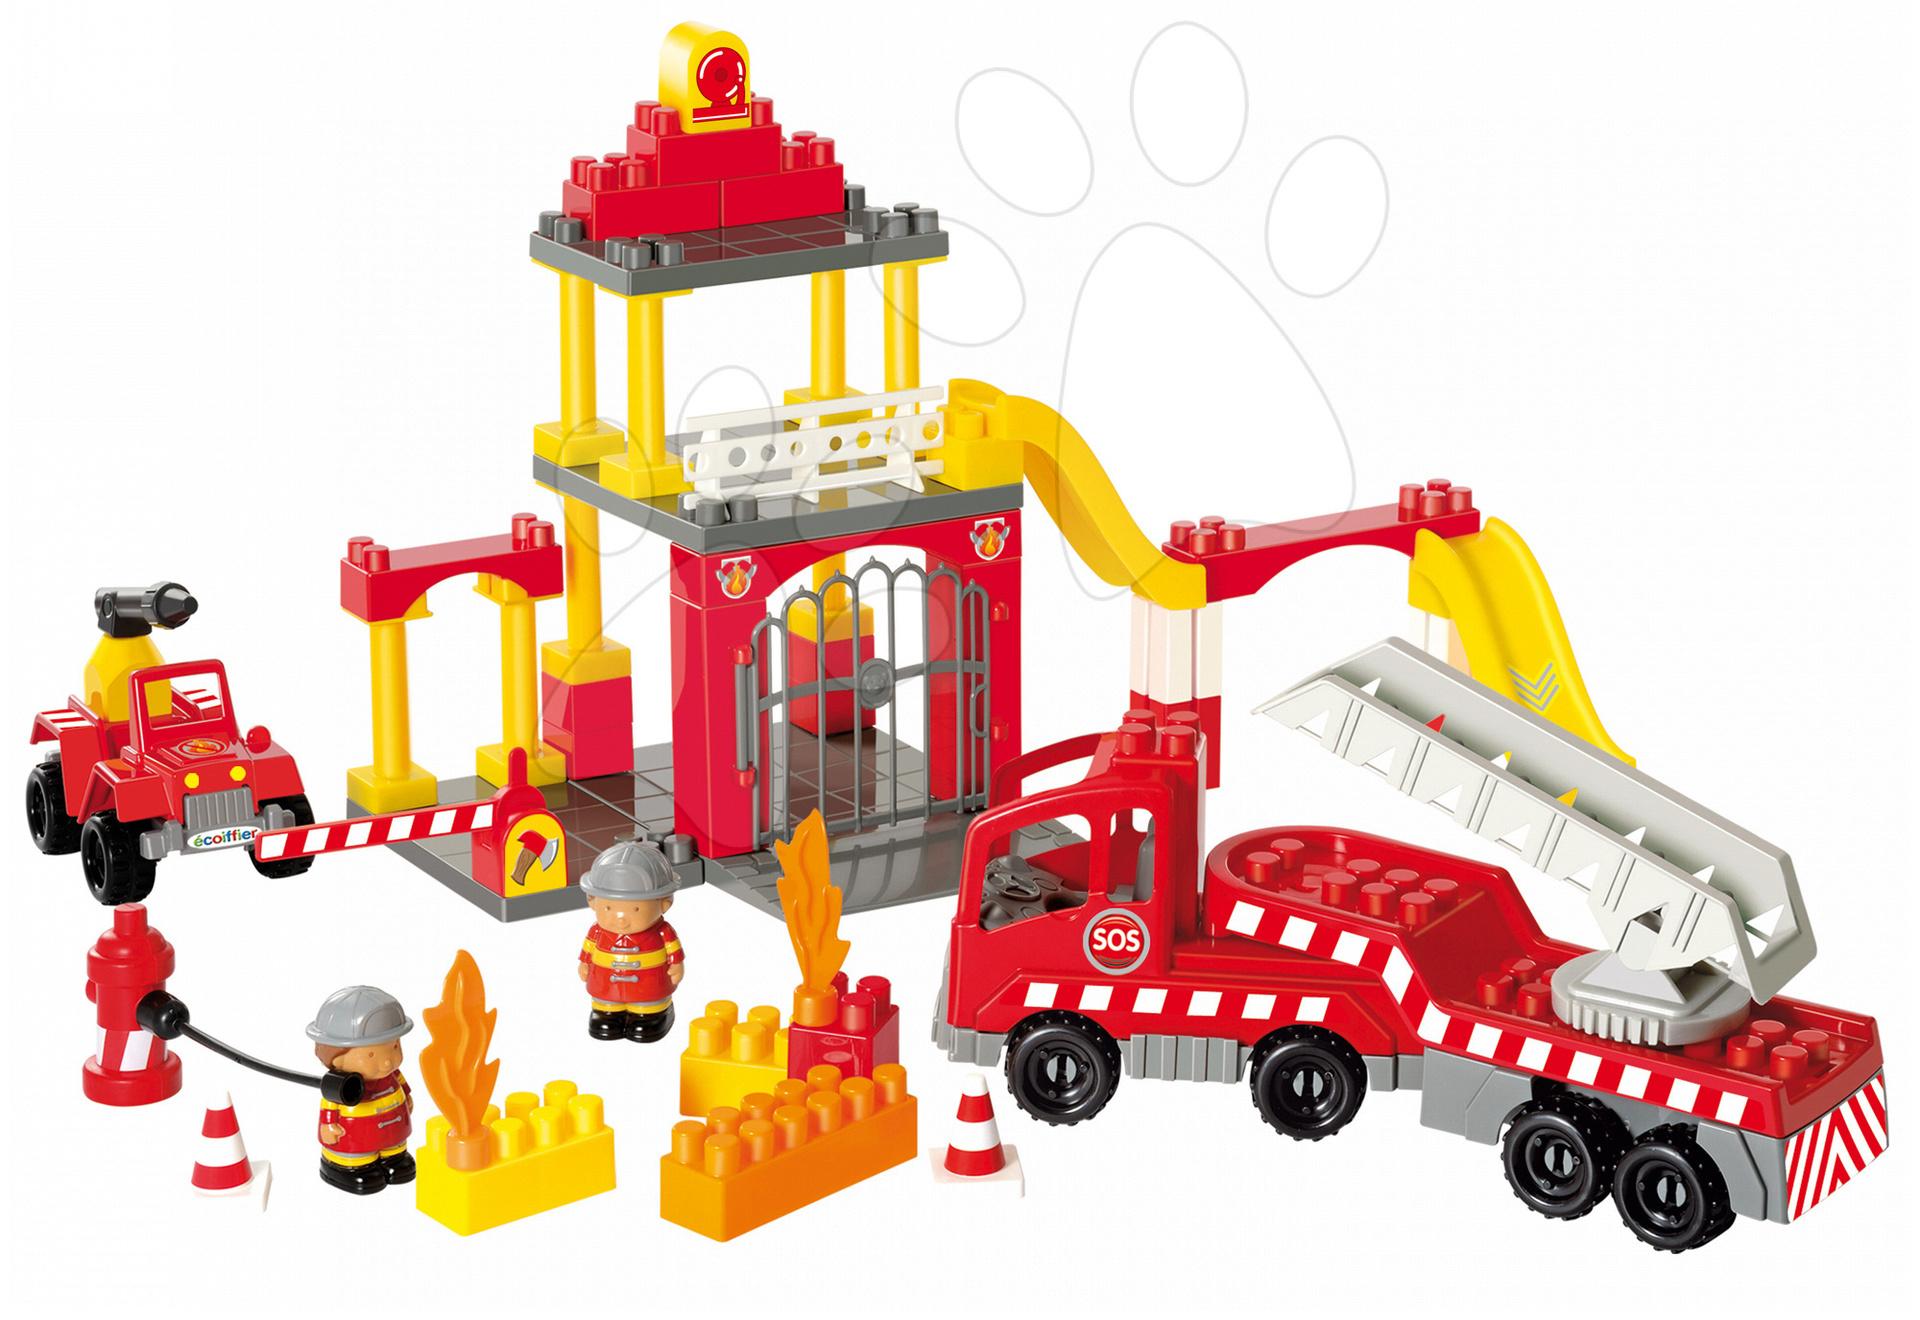 Stavebnice Abrick - požární stanice s hasičskými auty Écoiffier s 2 figurkami 69 dílů od 18 měsíců